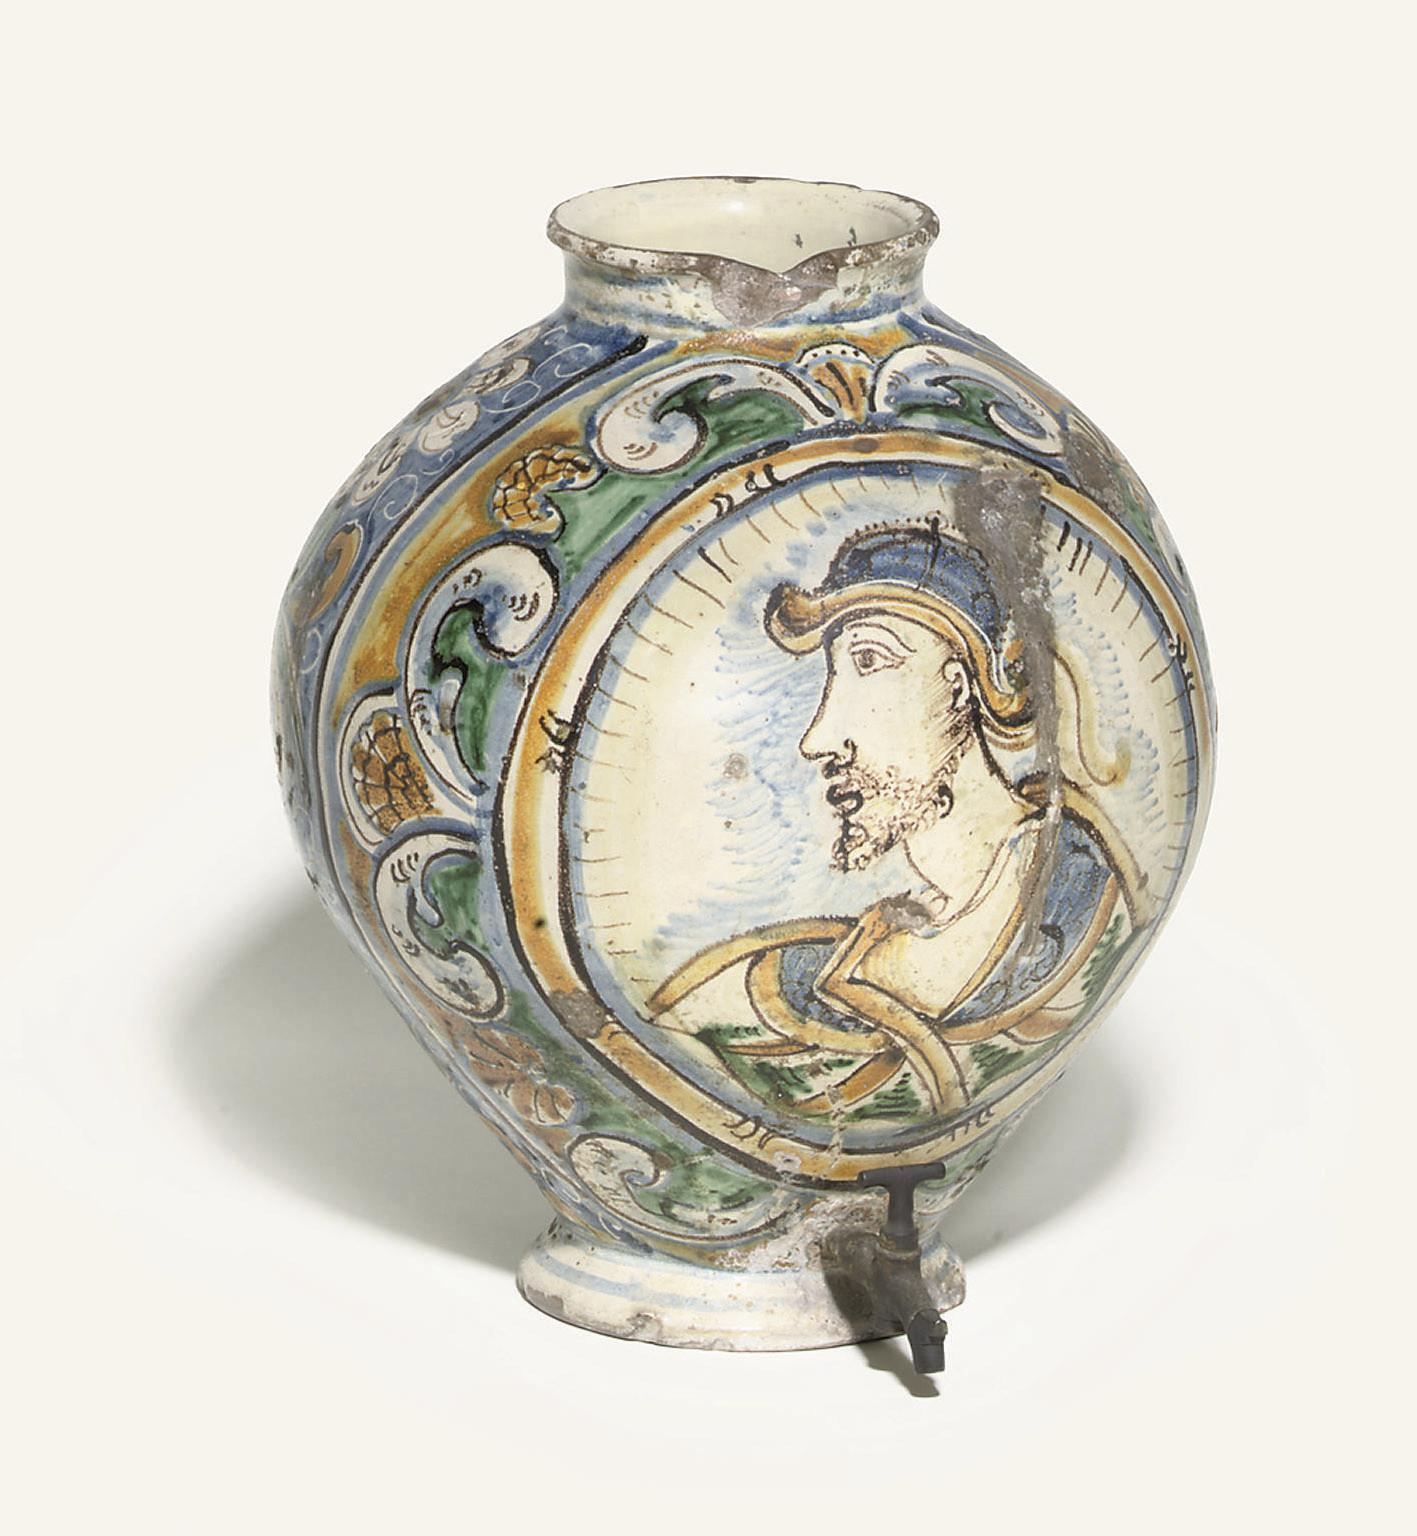 A SICILIAN OVIFORM JAR